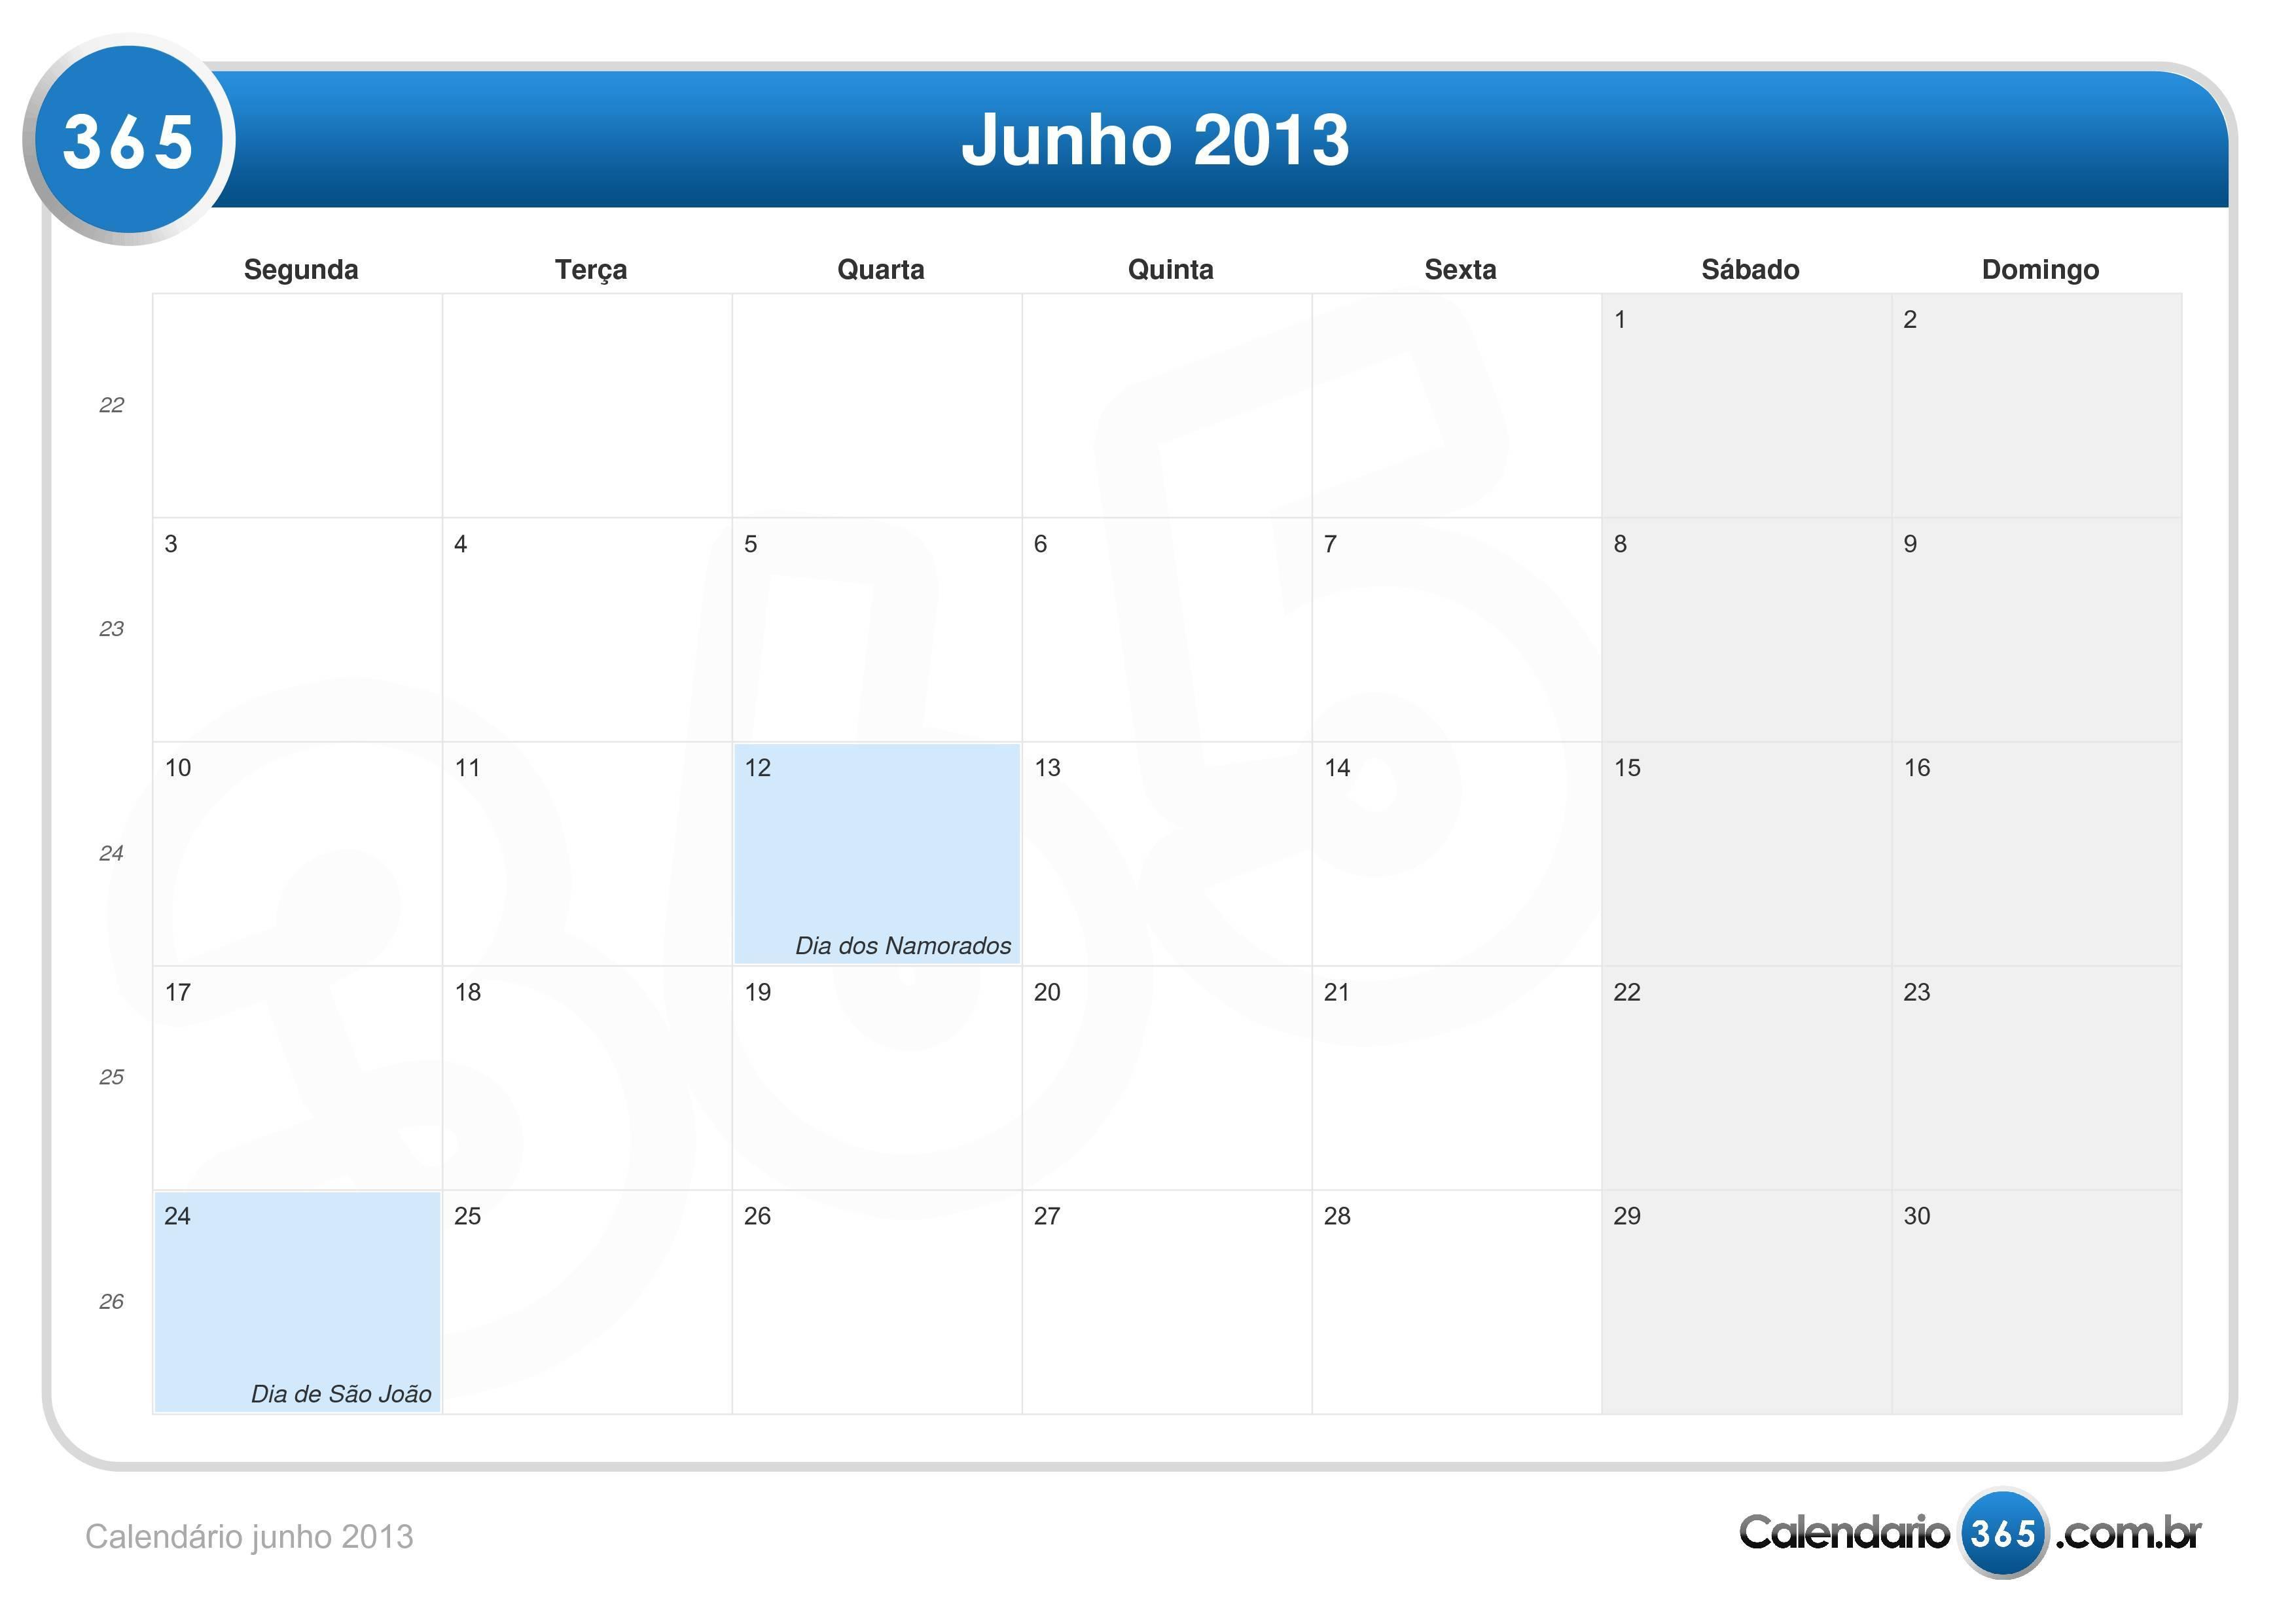 Calendário junho 2013